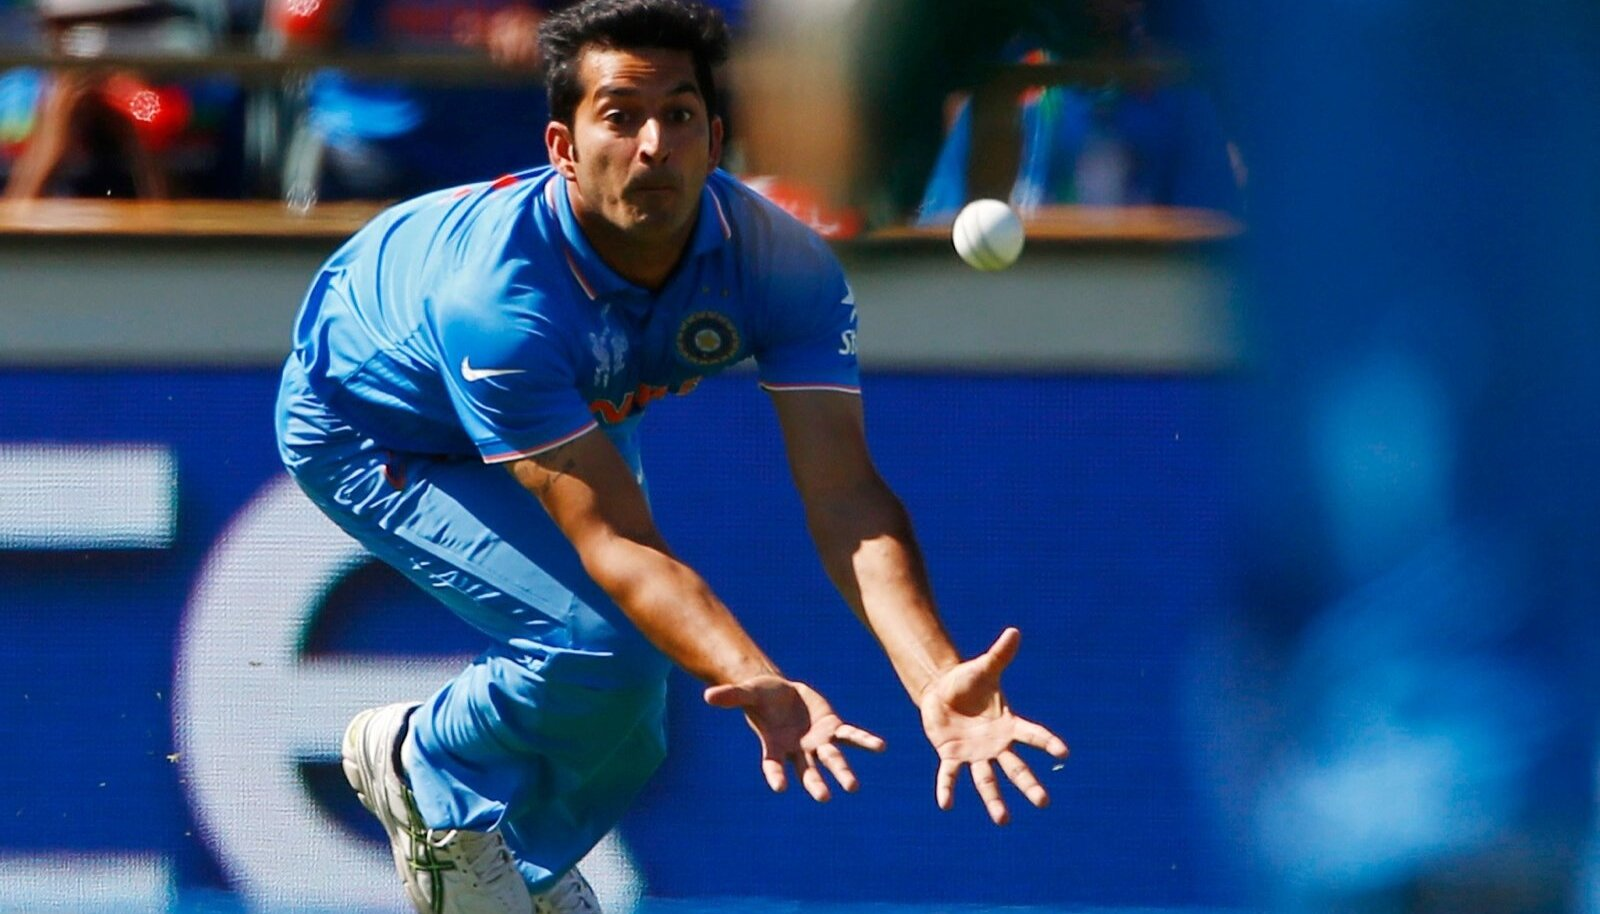 India kriketikoondise ja Mohit Sharma võidutee katkes 2015. aasta MM-il poolfinaalis, kui vannuti alla hilisemale tšempionile Austraaliale.